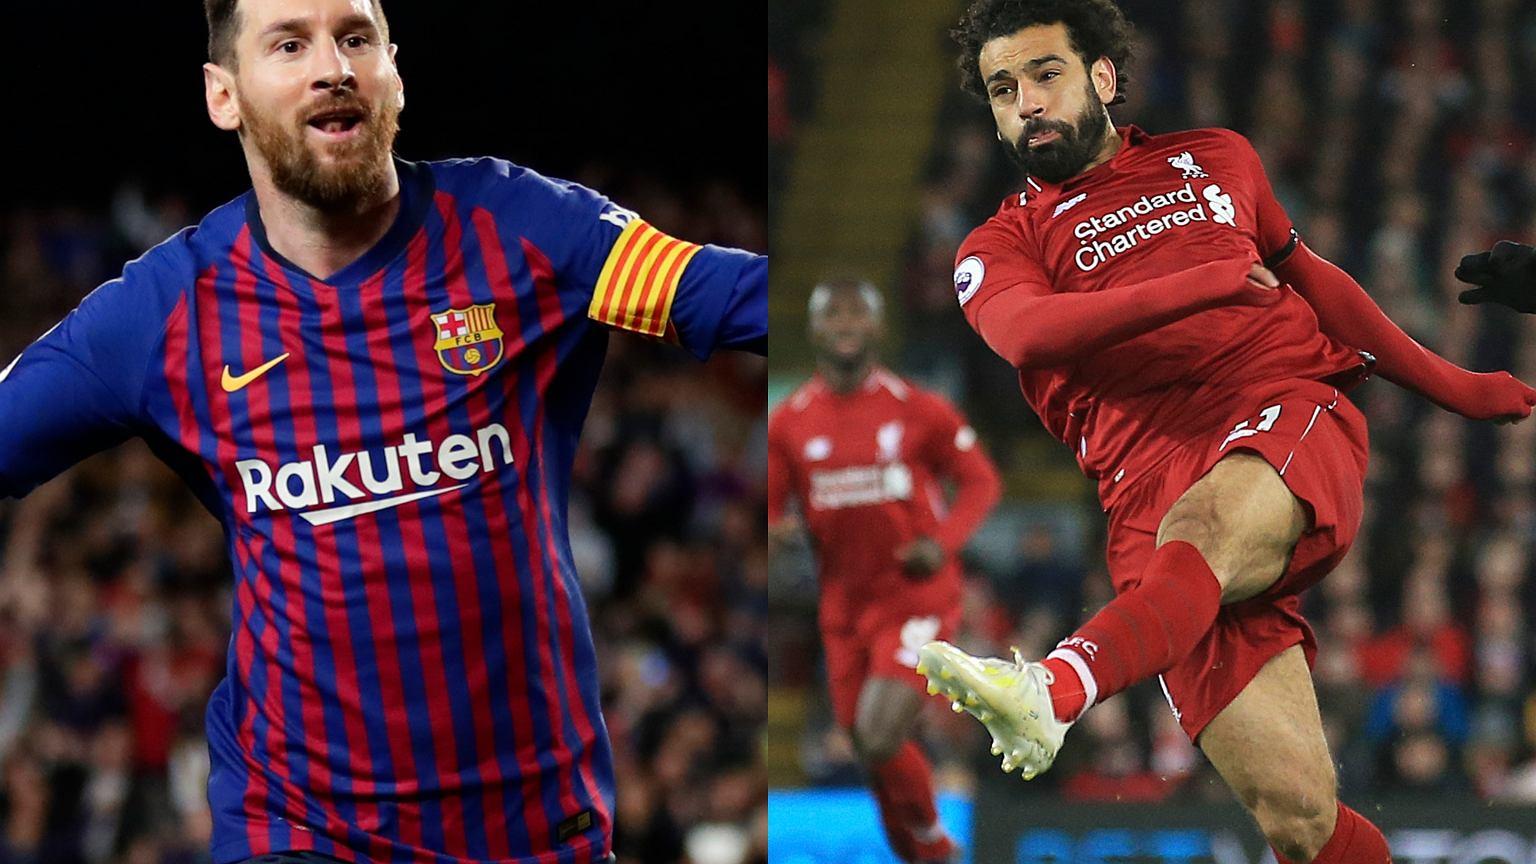 32381e9d5 FC Barcelona - Liverpool F.C. Gdzie oglądać półfinał Ligi Mistrzów?  Transmisja w otwartym kanale! TV, stream online, na żywo, 01.05 Piłka nożna  - Sport.pl